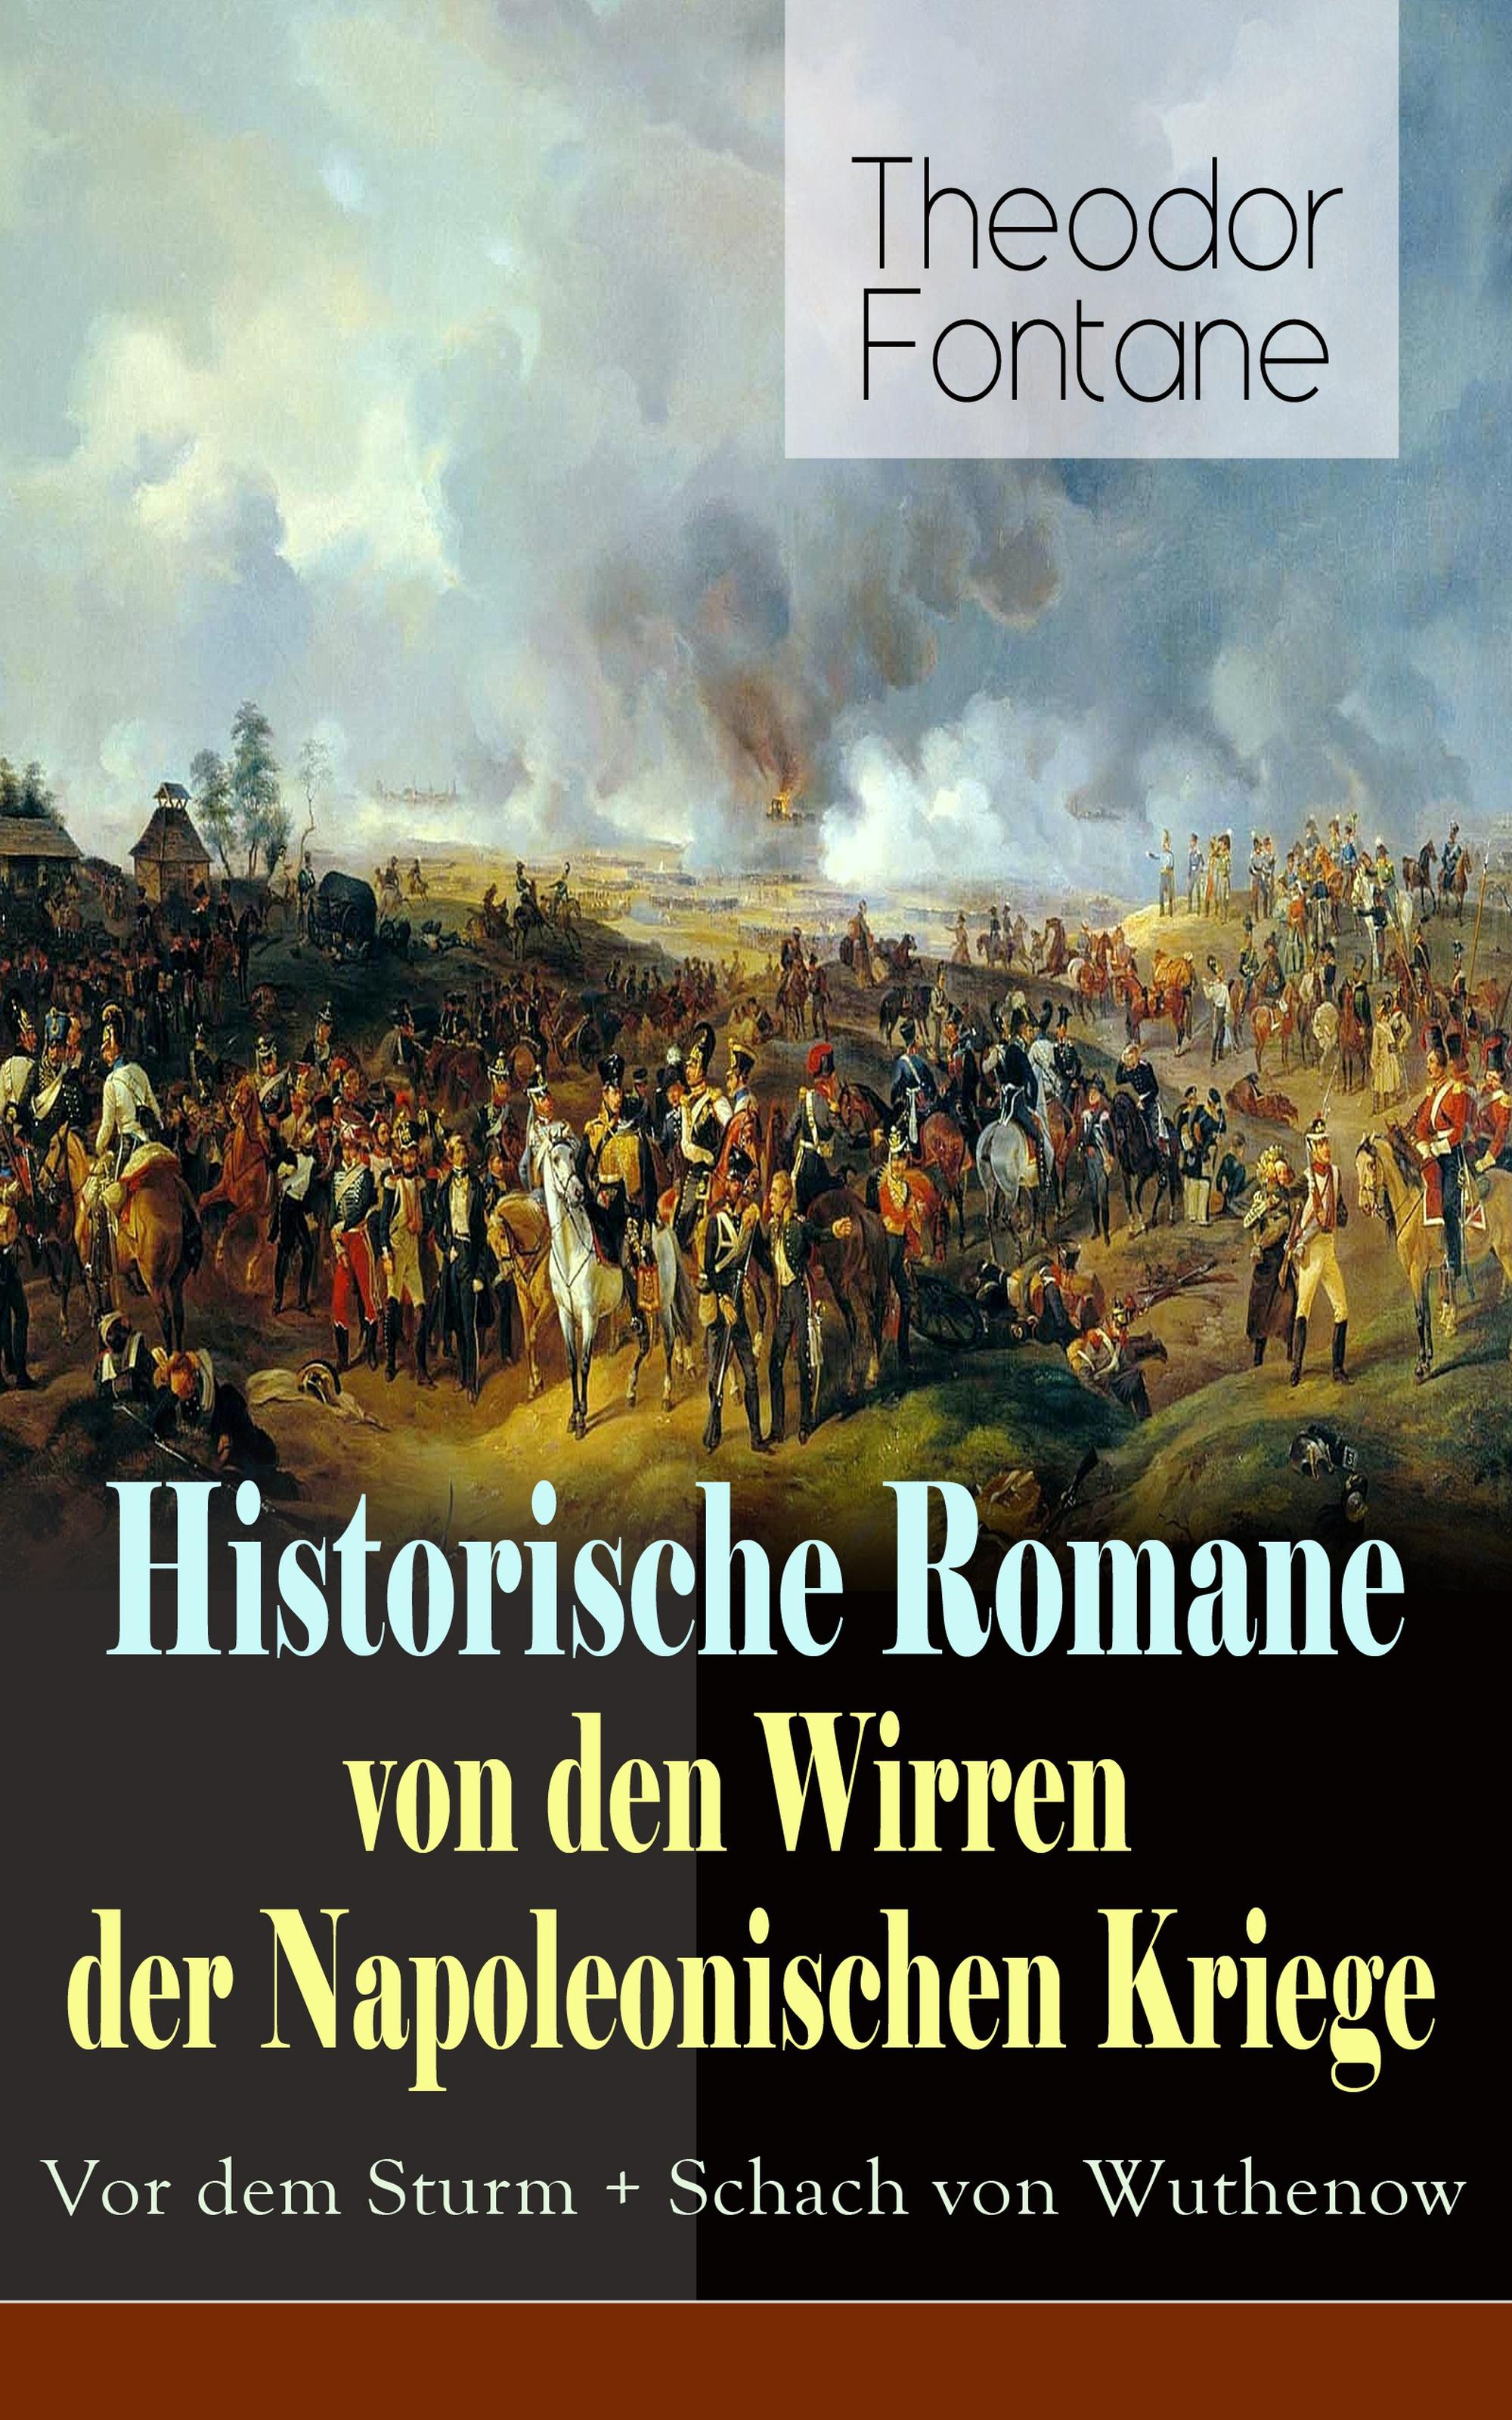 Theodor Fontane Historische Romane von den Wirren der Napoleonischen Kriege: Vor dem Sturm + Schach von Wuthenow